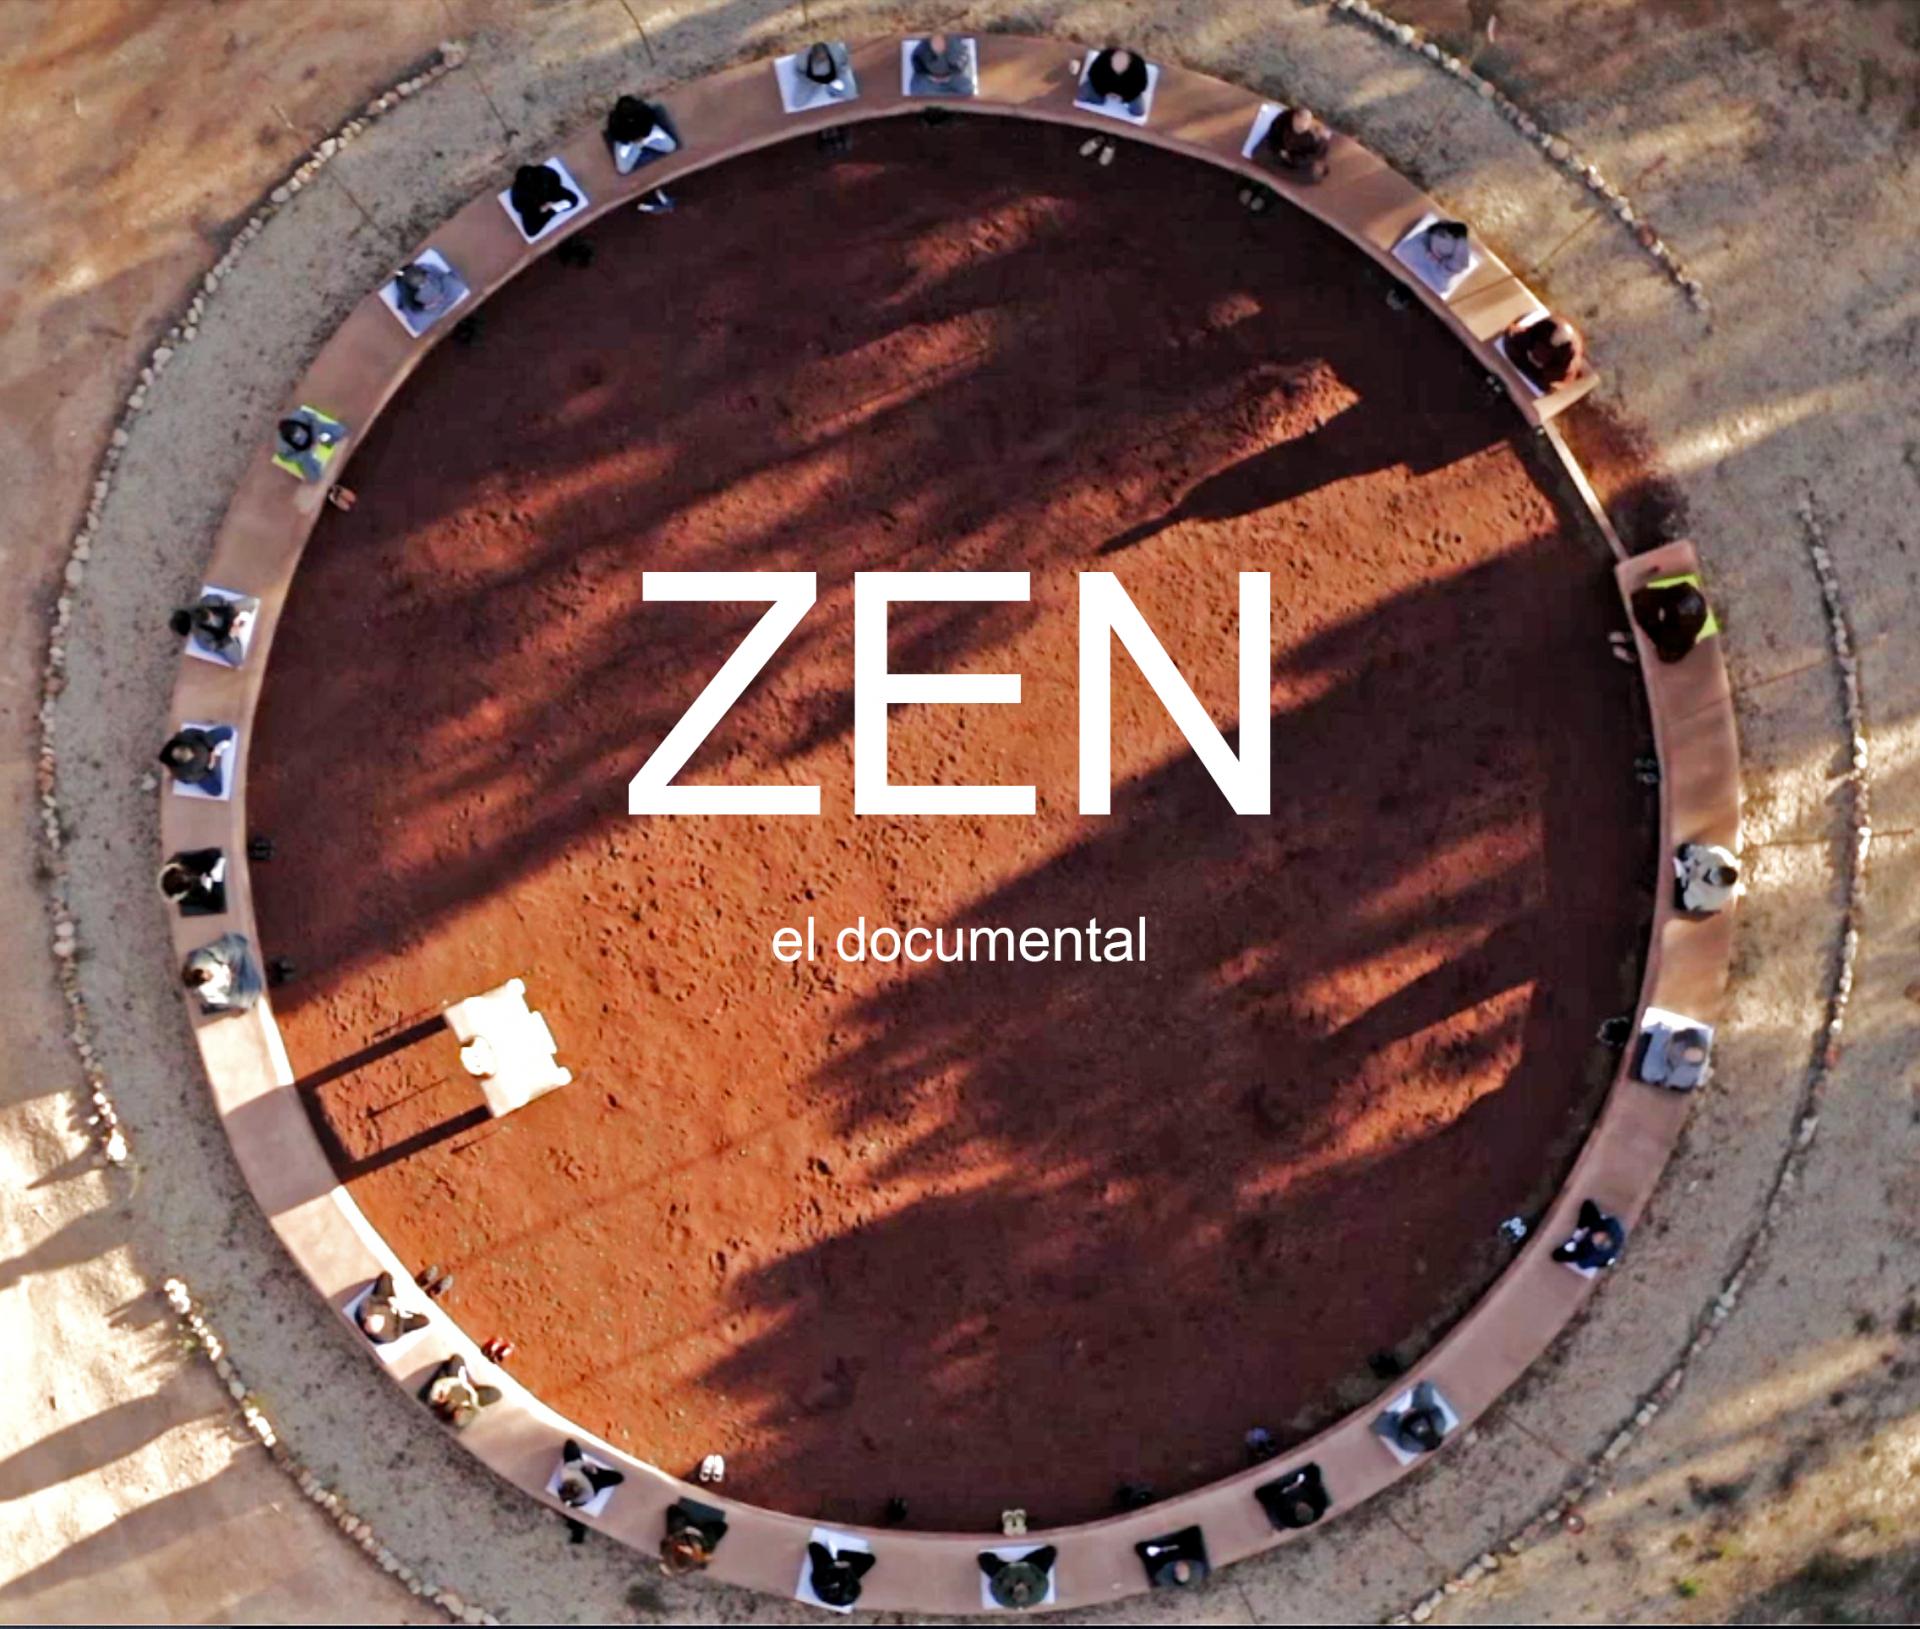 ZEN, el documental